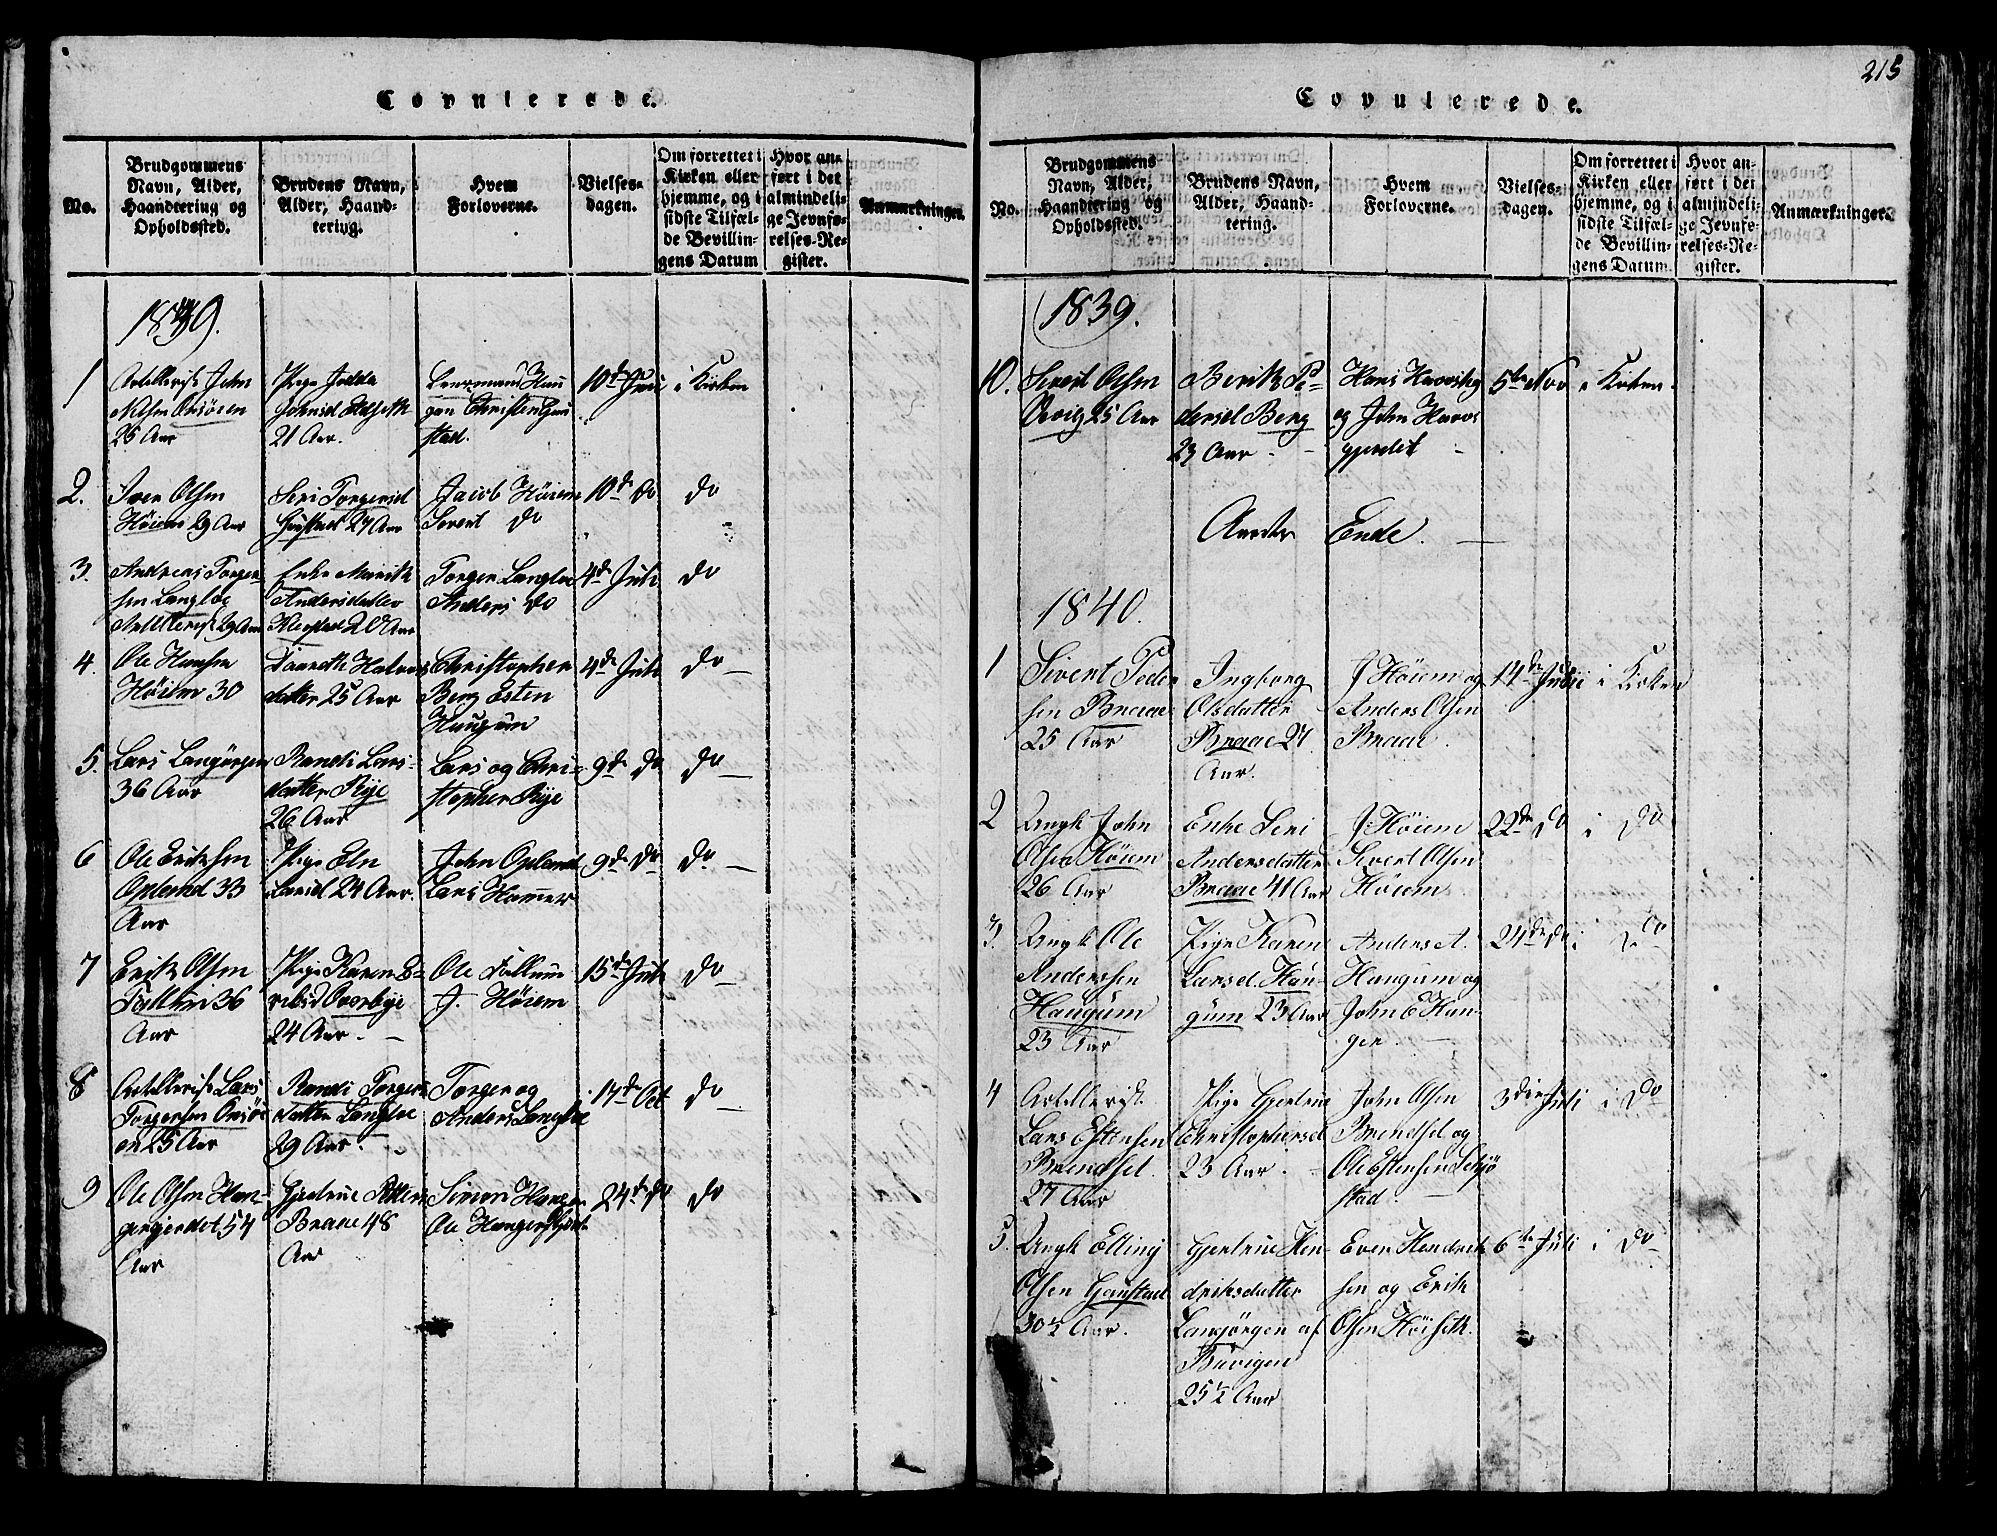 SAT, Ministerialprotokoller, klokkerbøker og fødselsregistre - Sør-Trøndelag, 612/L0385: Klokkerbok nr. 612C01, 1816-1845, s. 215